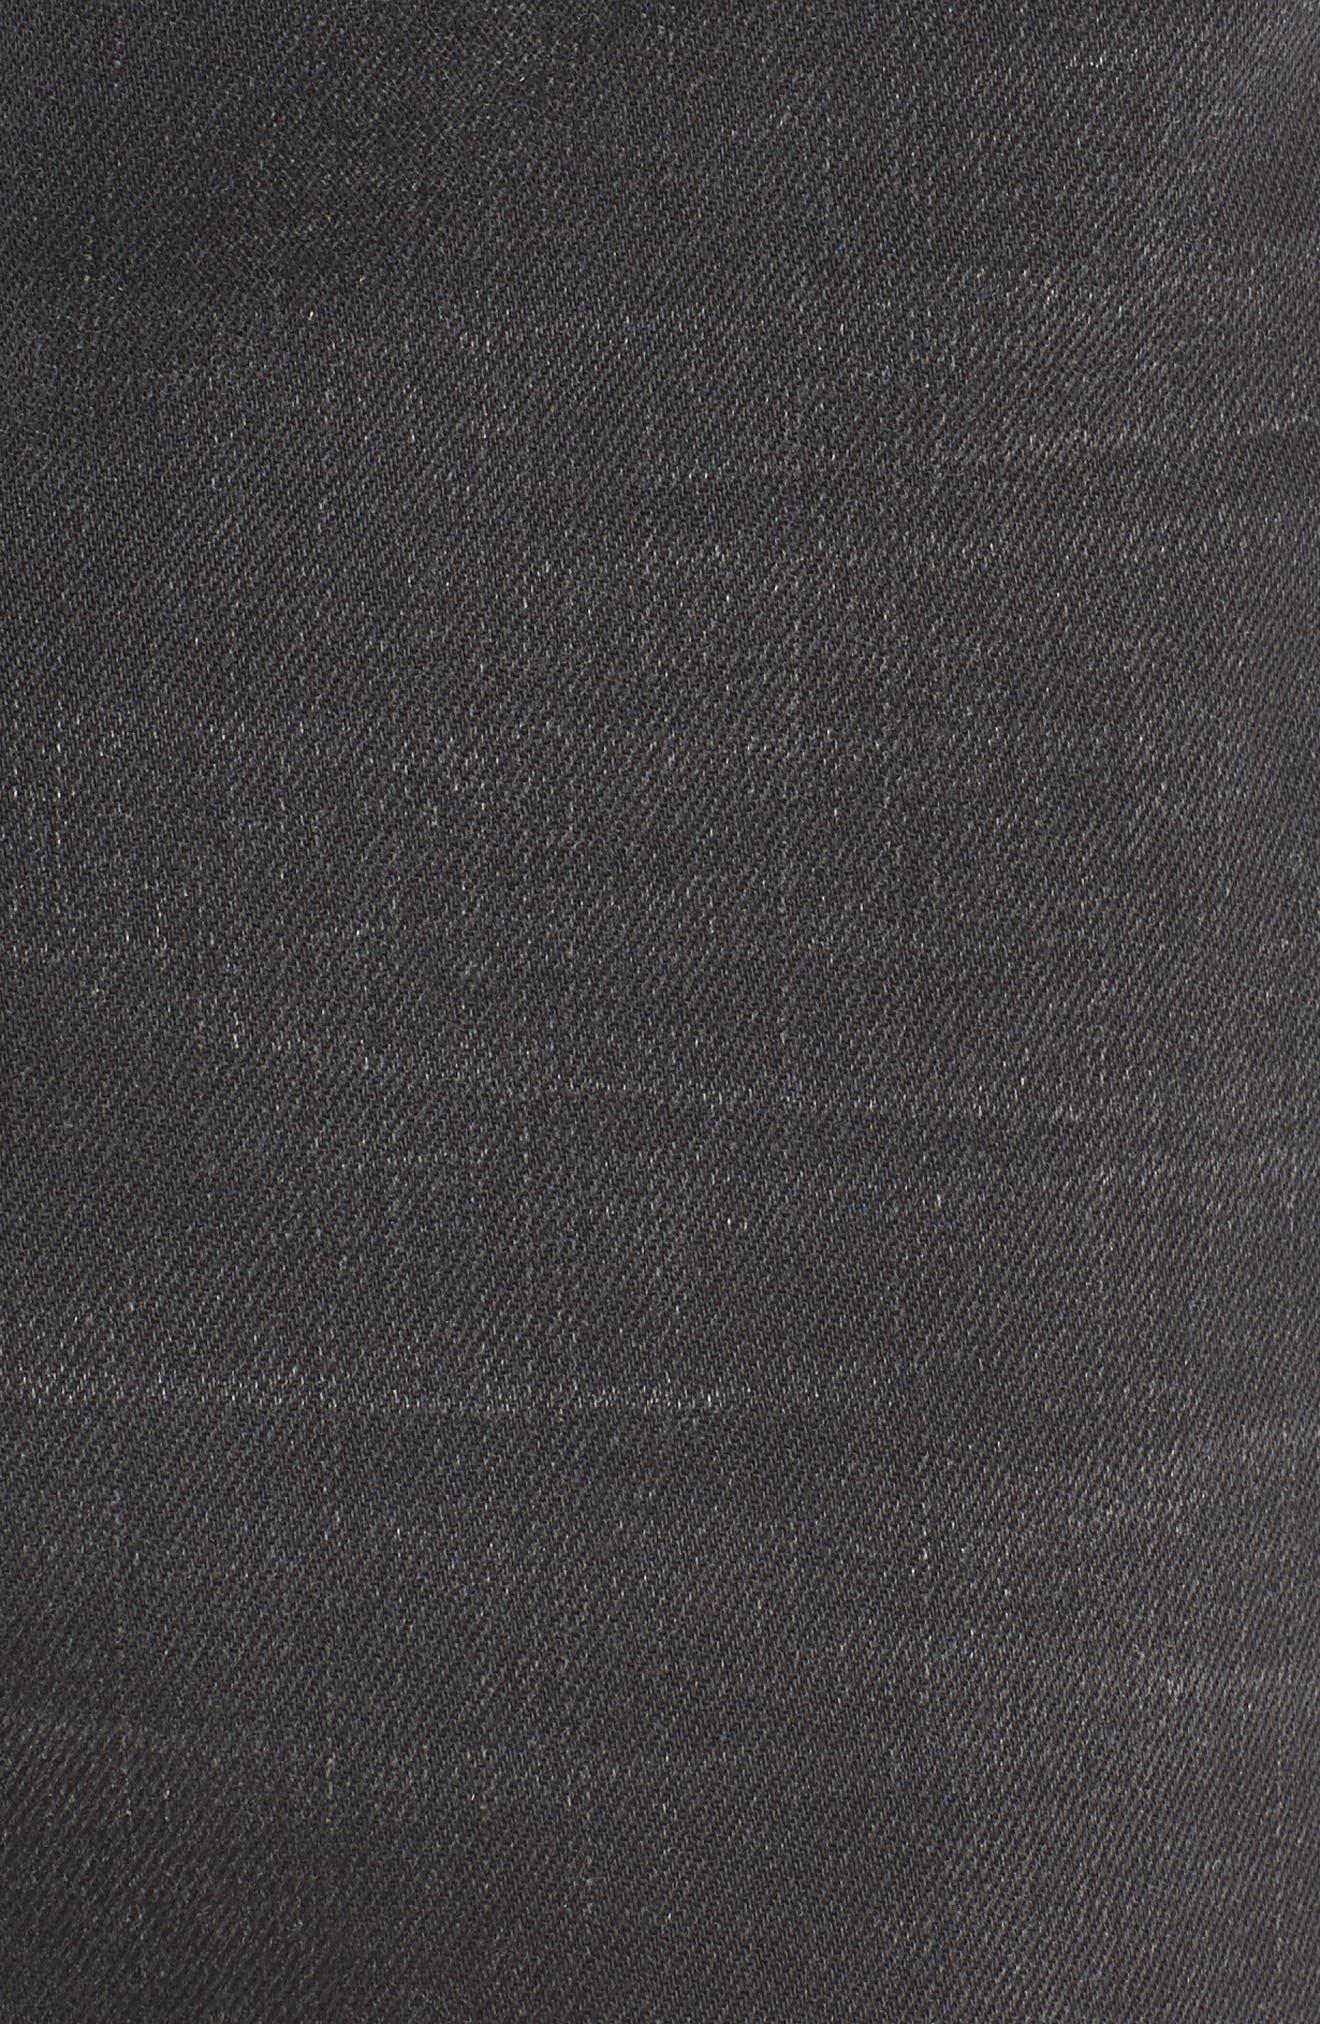 Alternate Image 5  - EVIDNT Destroyed Denim Miniskirt